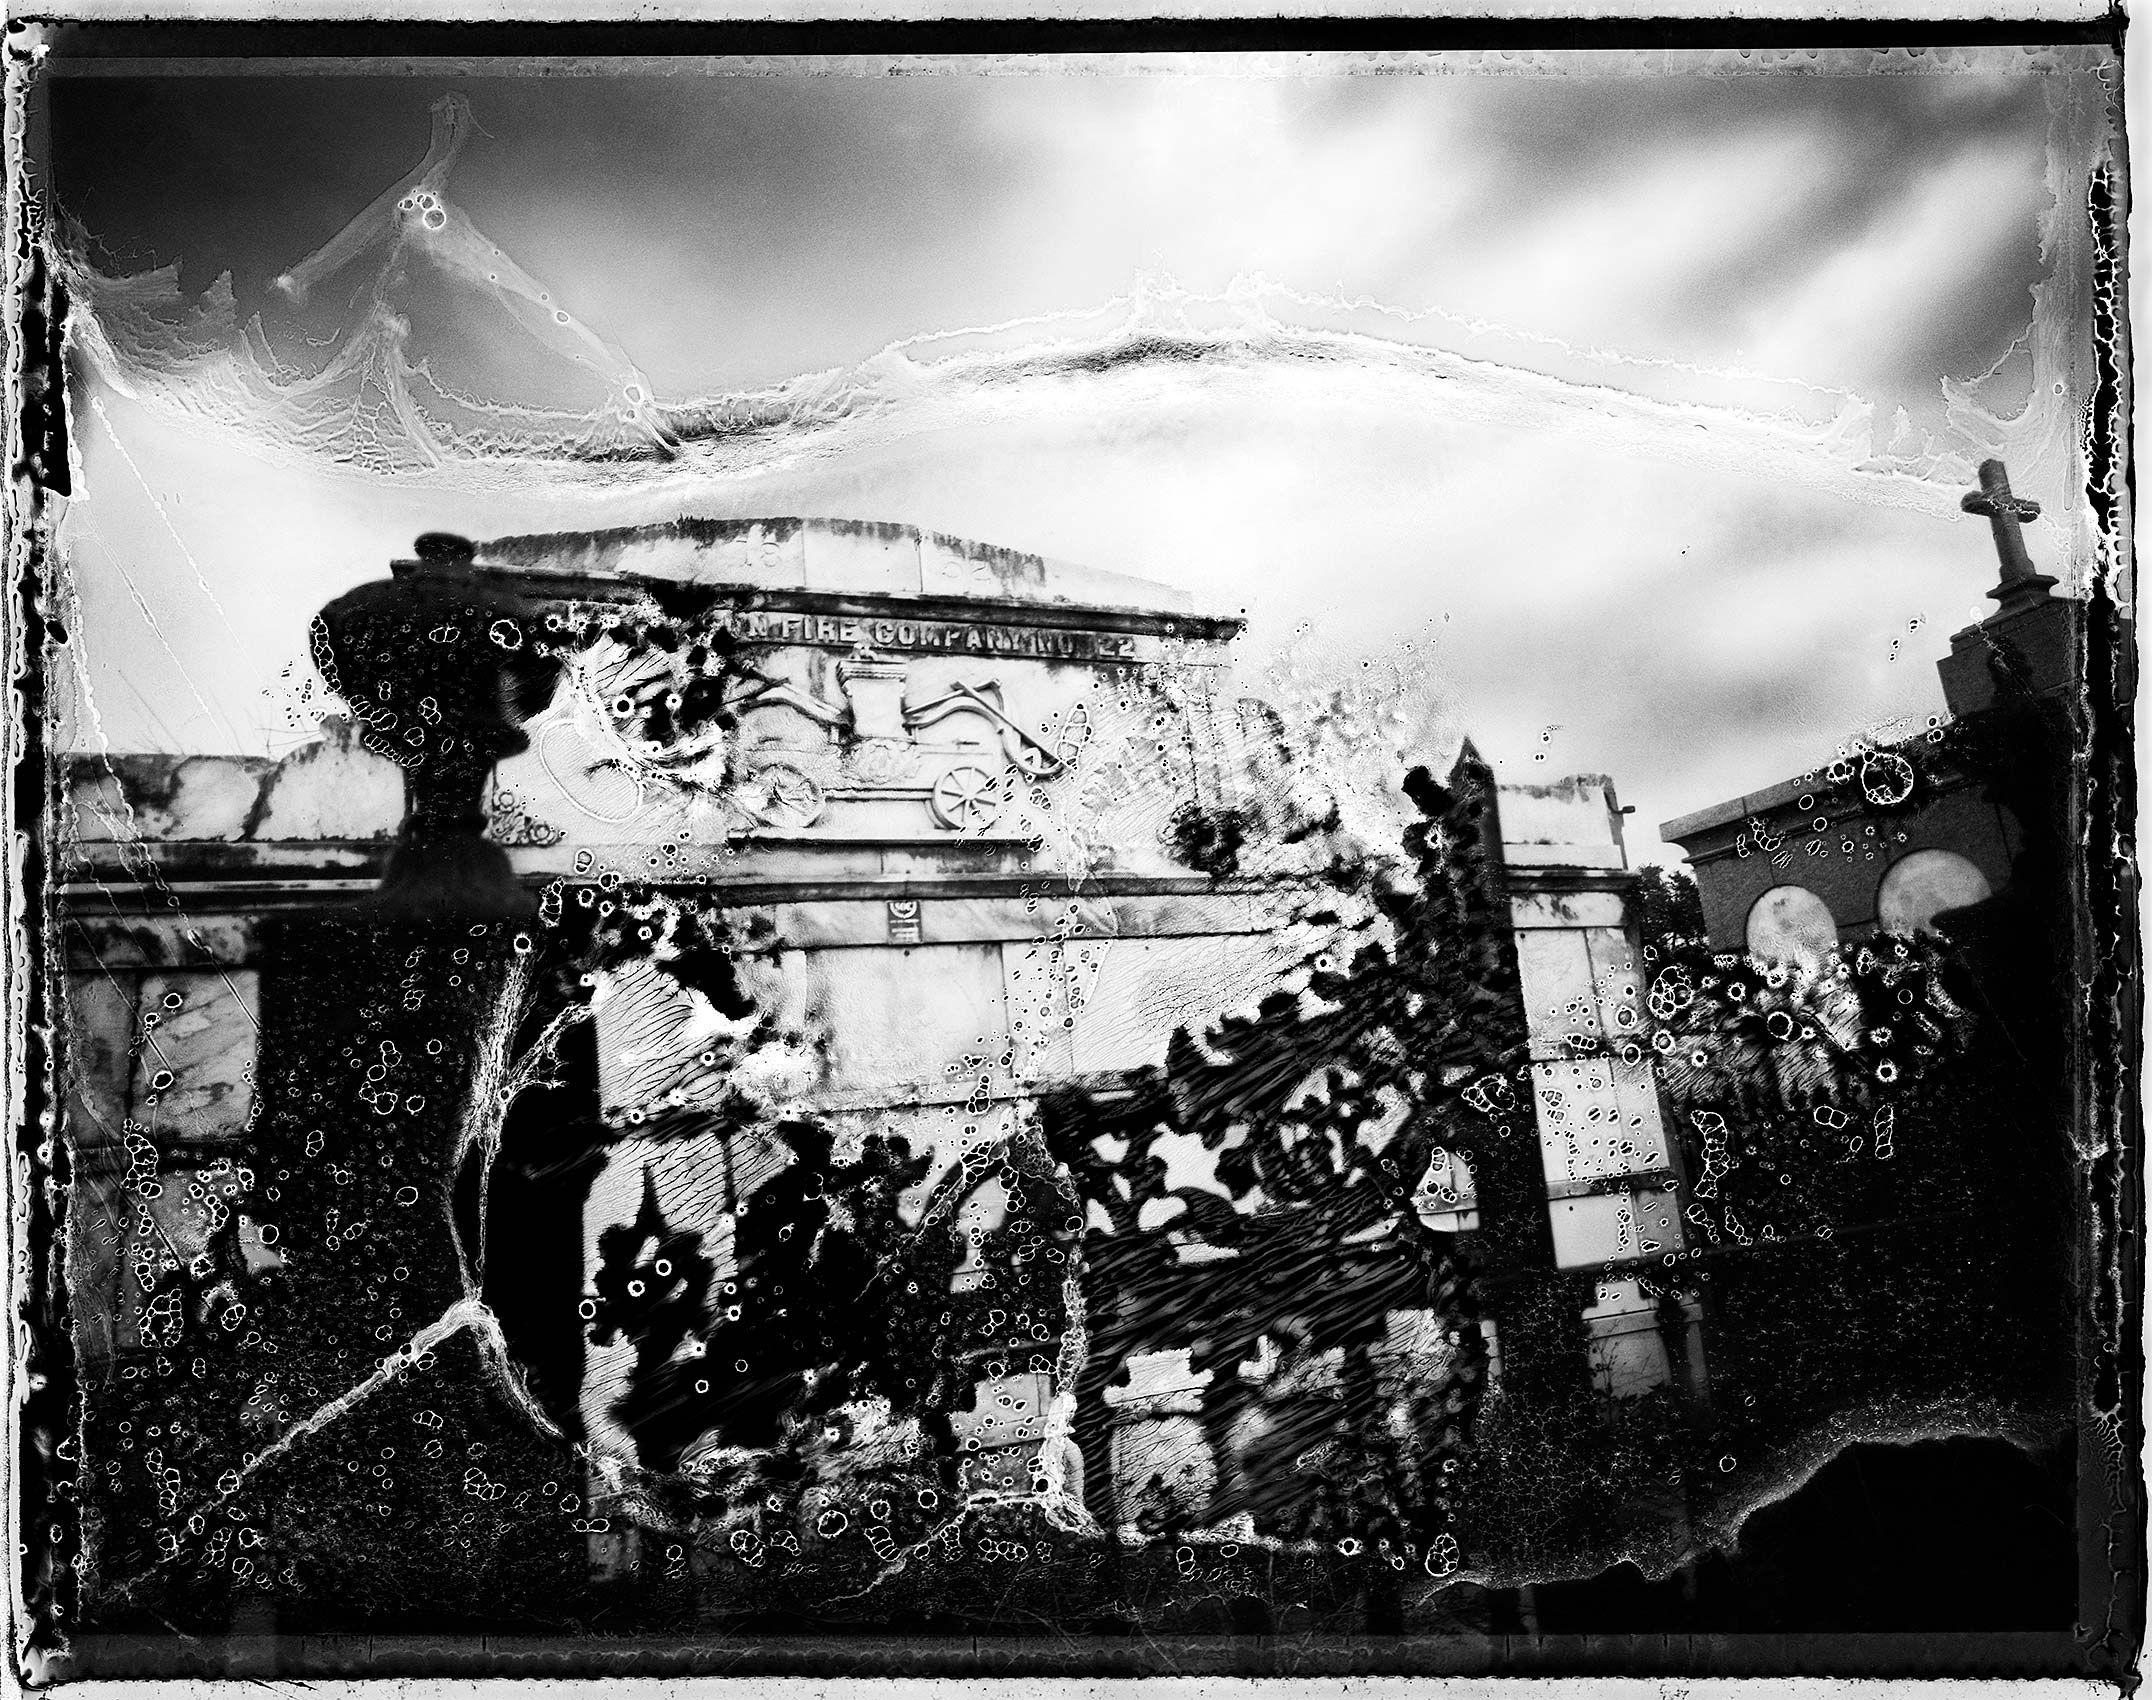 Fireman's Tomb